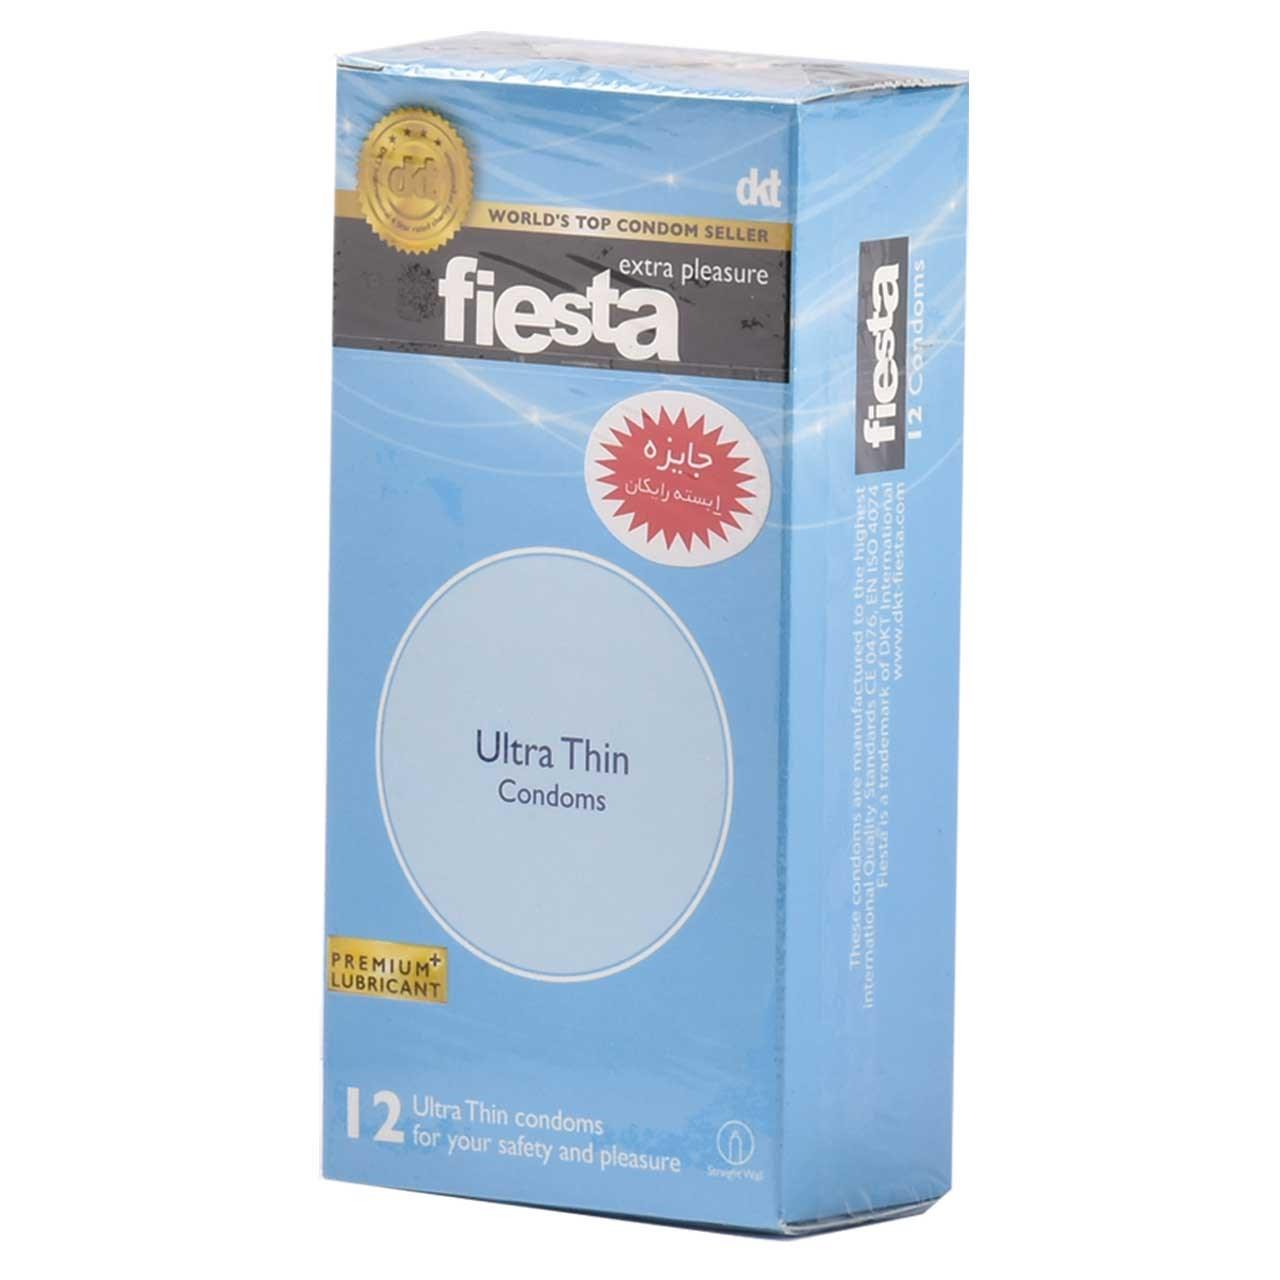 قیمت کاندوم نازک فیستا مدل Ultra Thin بسته 12 عددی